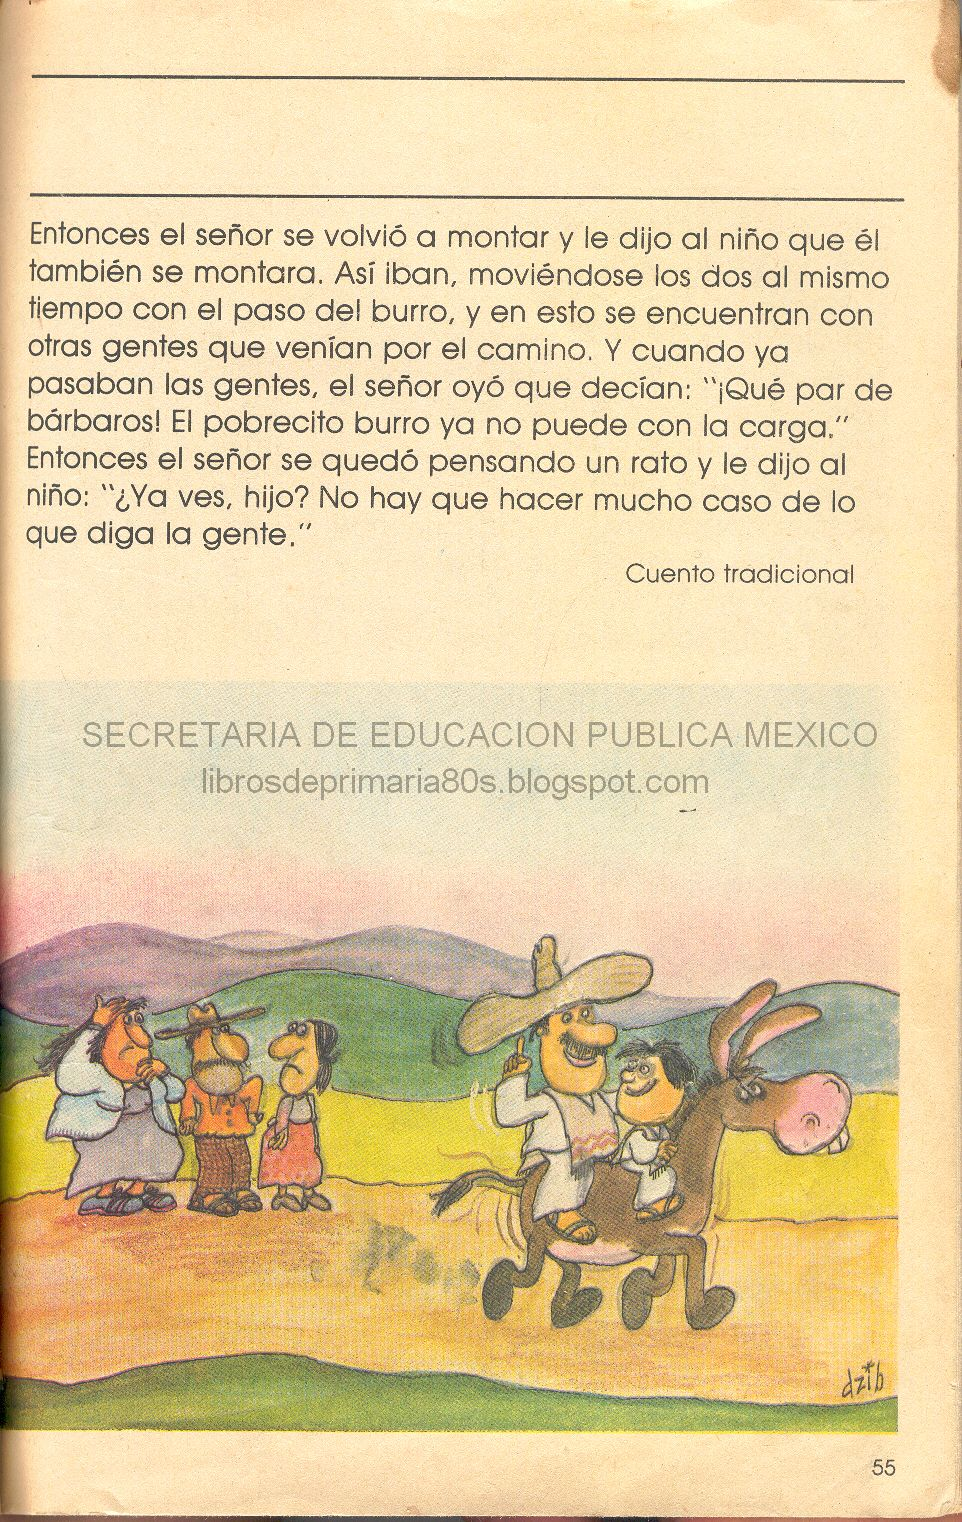 Libros de Primaria de los 80\'s: El señor, el niño y el burro (Mi ...